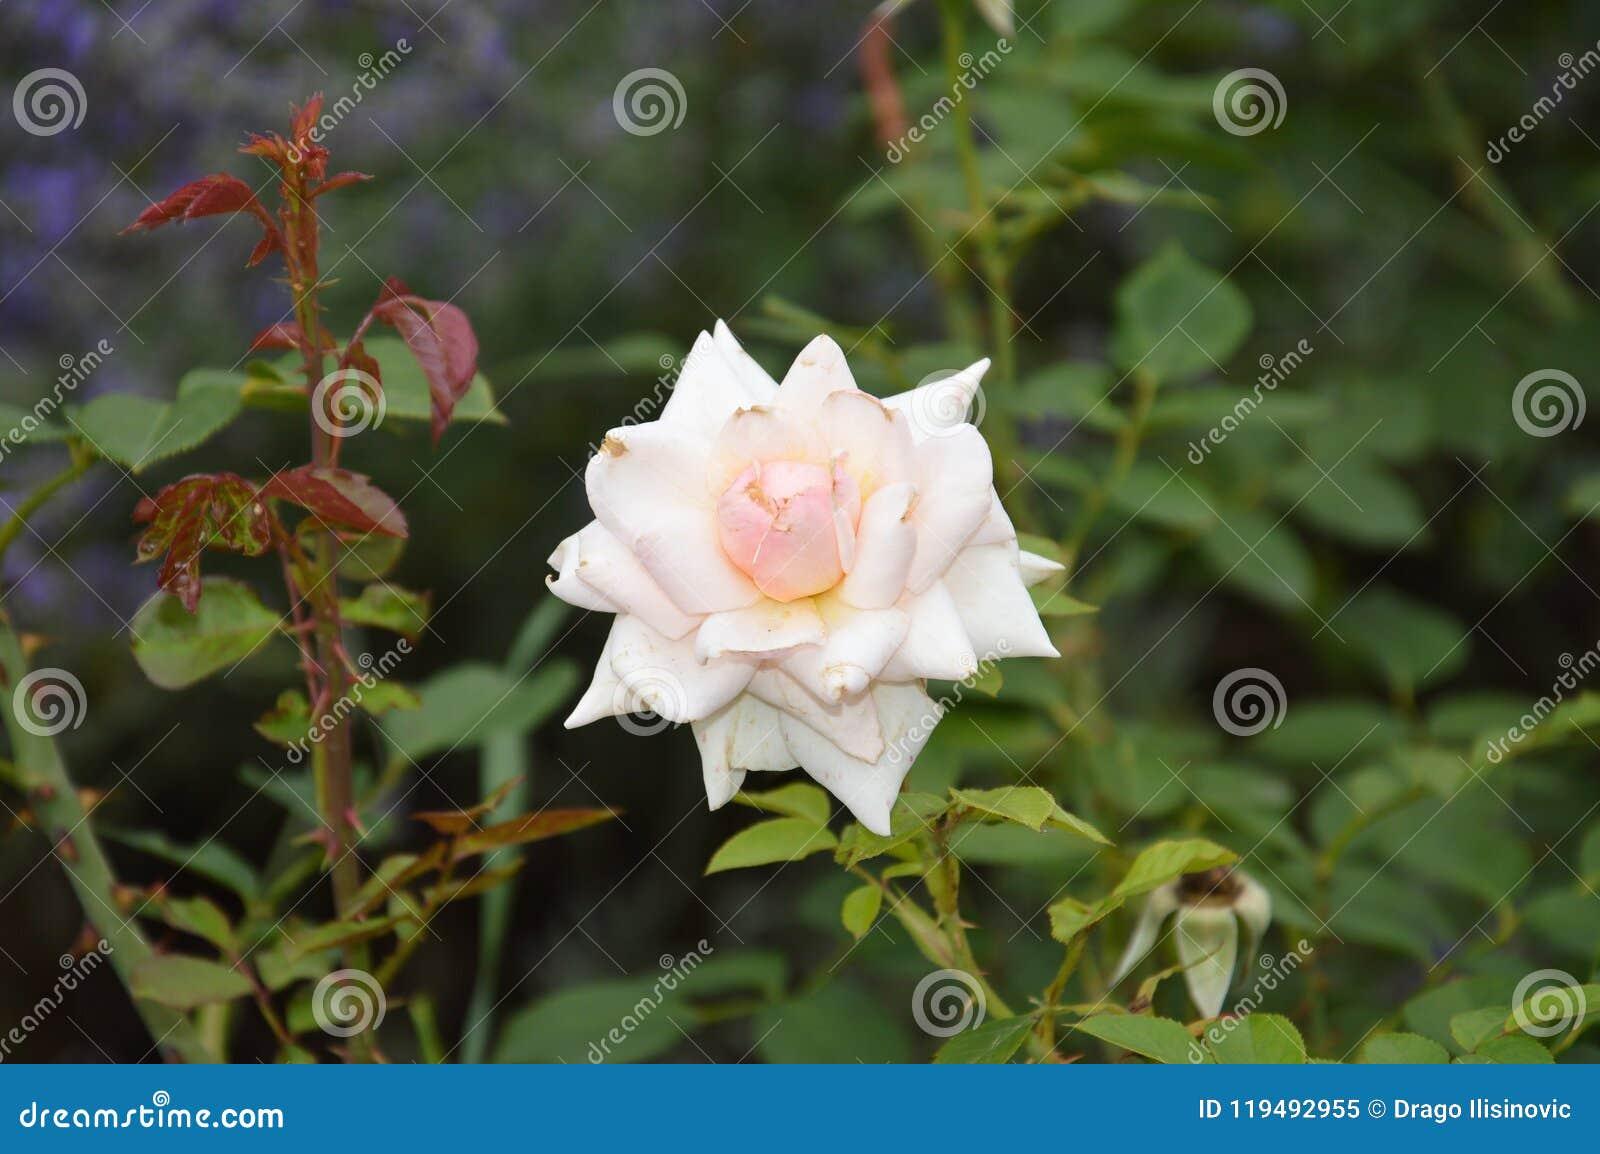 Macro White Flowers Isolated Roses Stock Image Image Of Macro